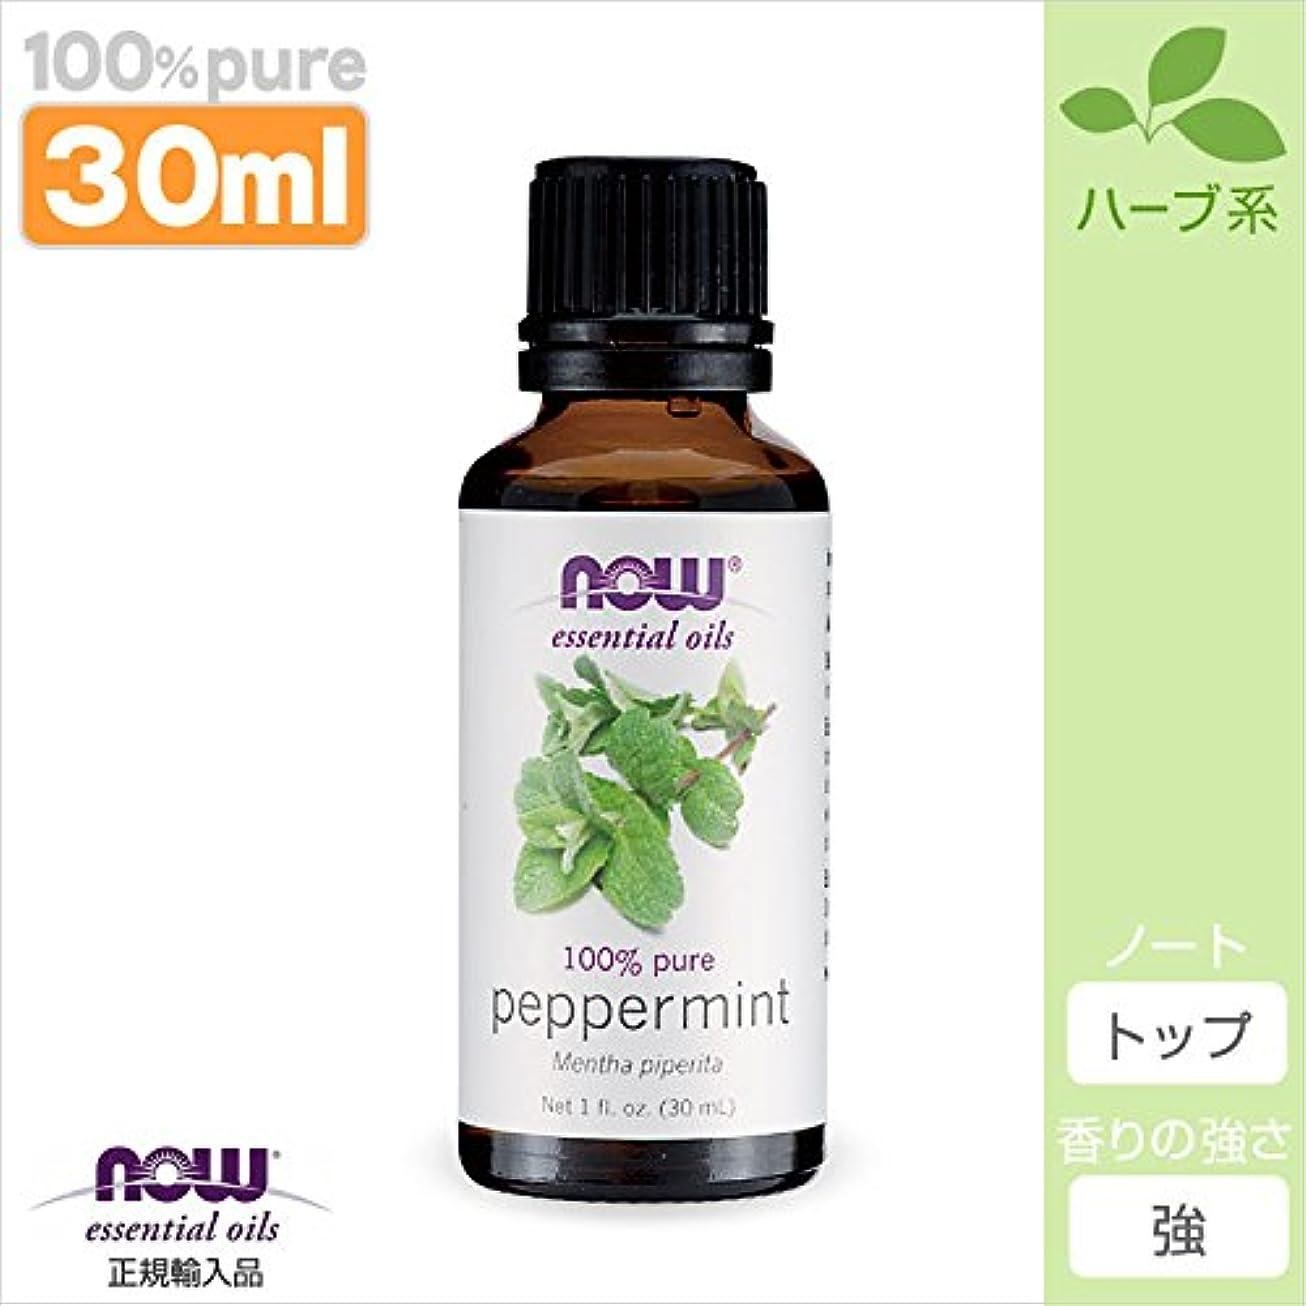 壊すモジュールキノコペパーミント精油[30ml] 【正規輸入品】 NOWエッセンシャルオイル(アロマオイル)